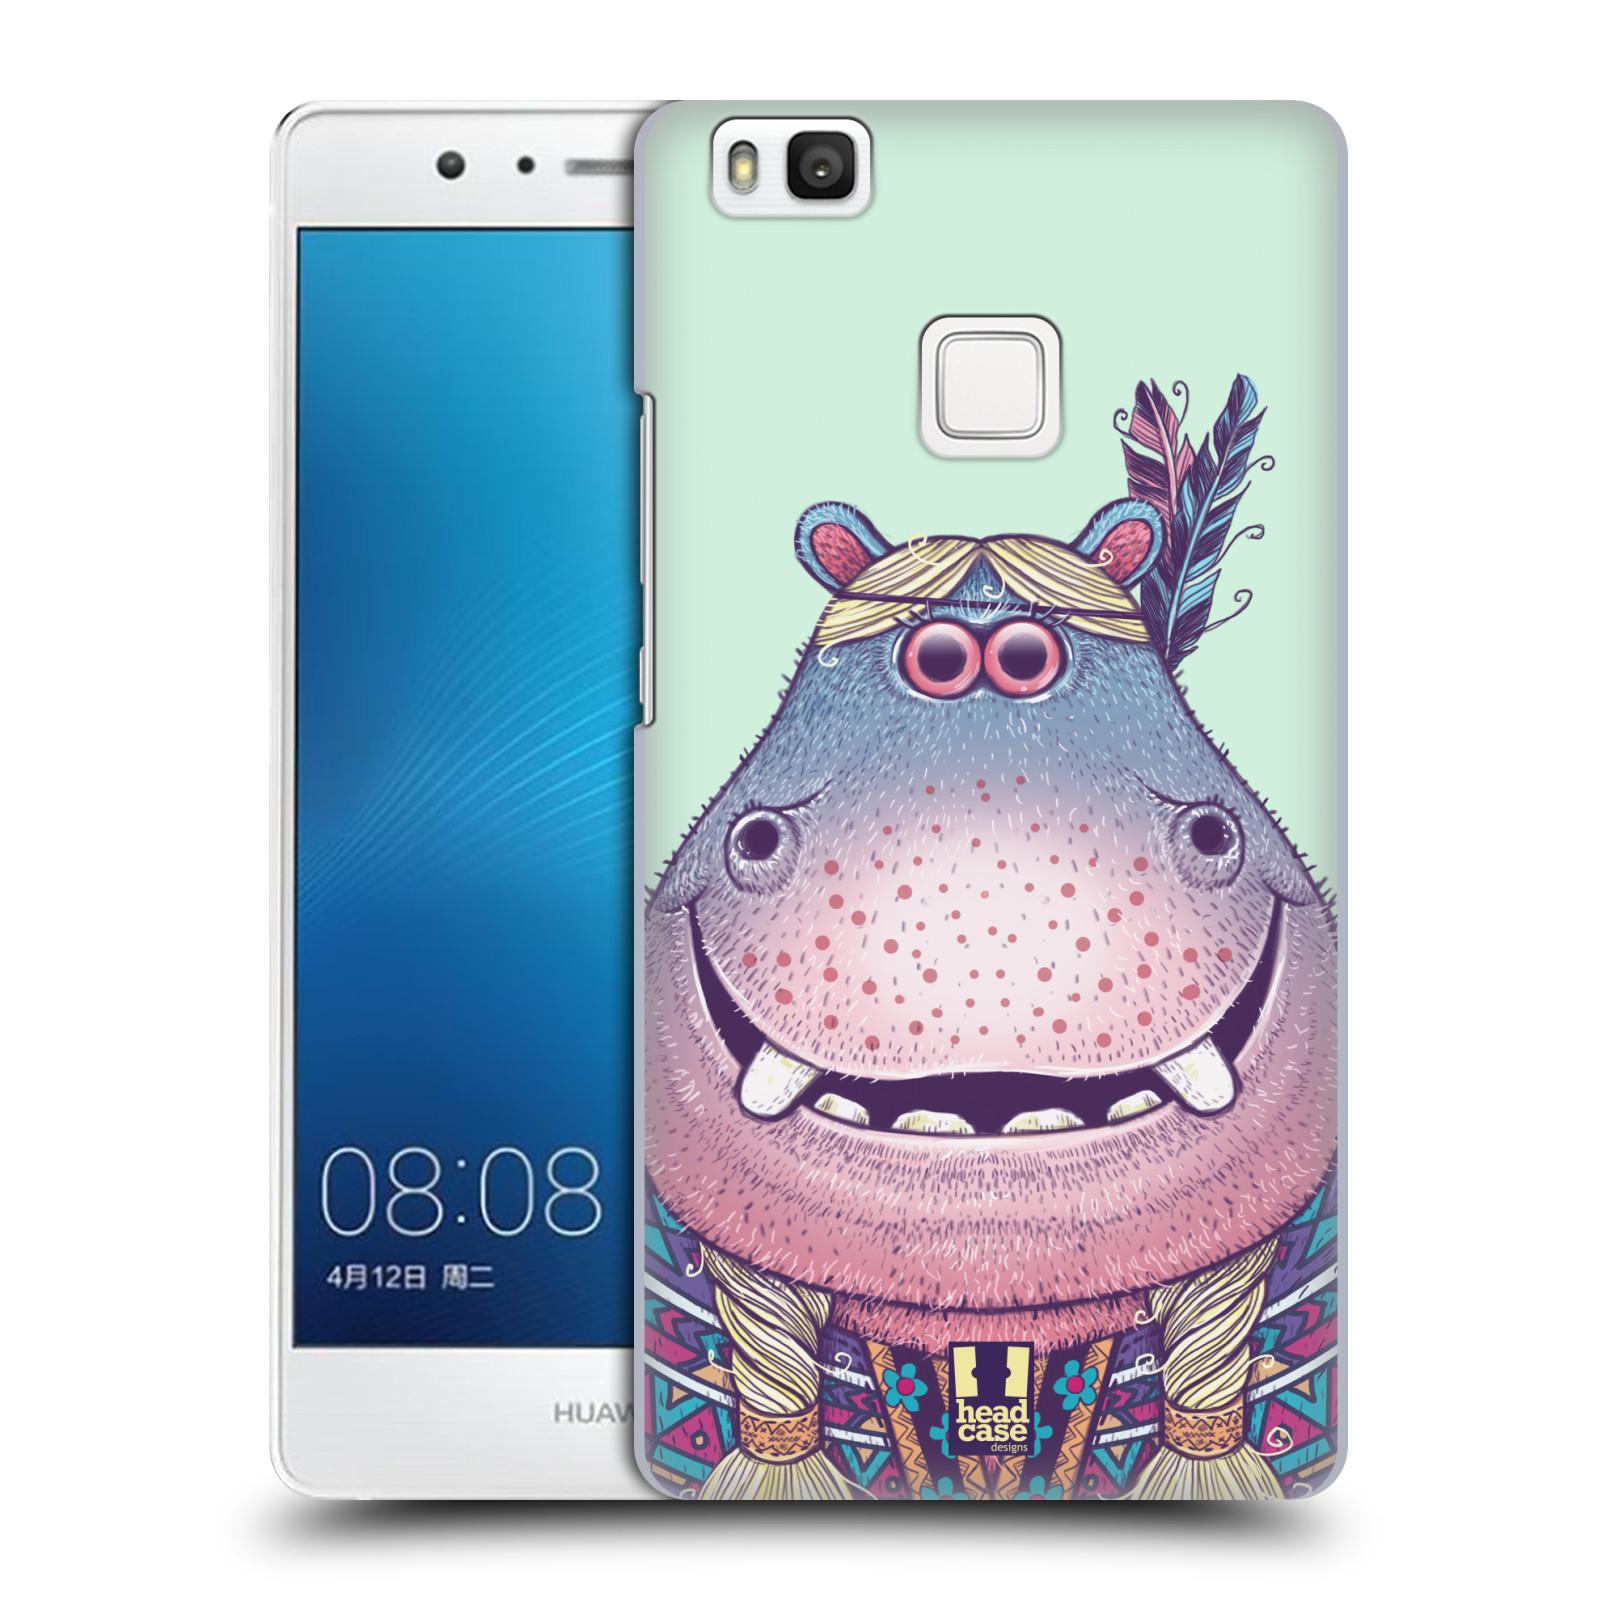 HEAD CASE plastový obal na mobil Huawei P9 LITE / P9 LITE DUAL SIM vzor Kreslená zvířátka hroch